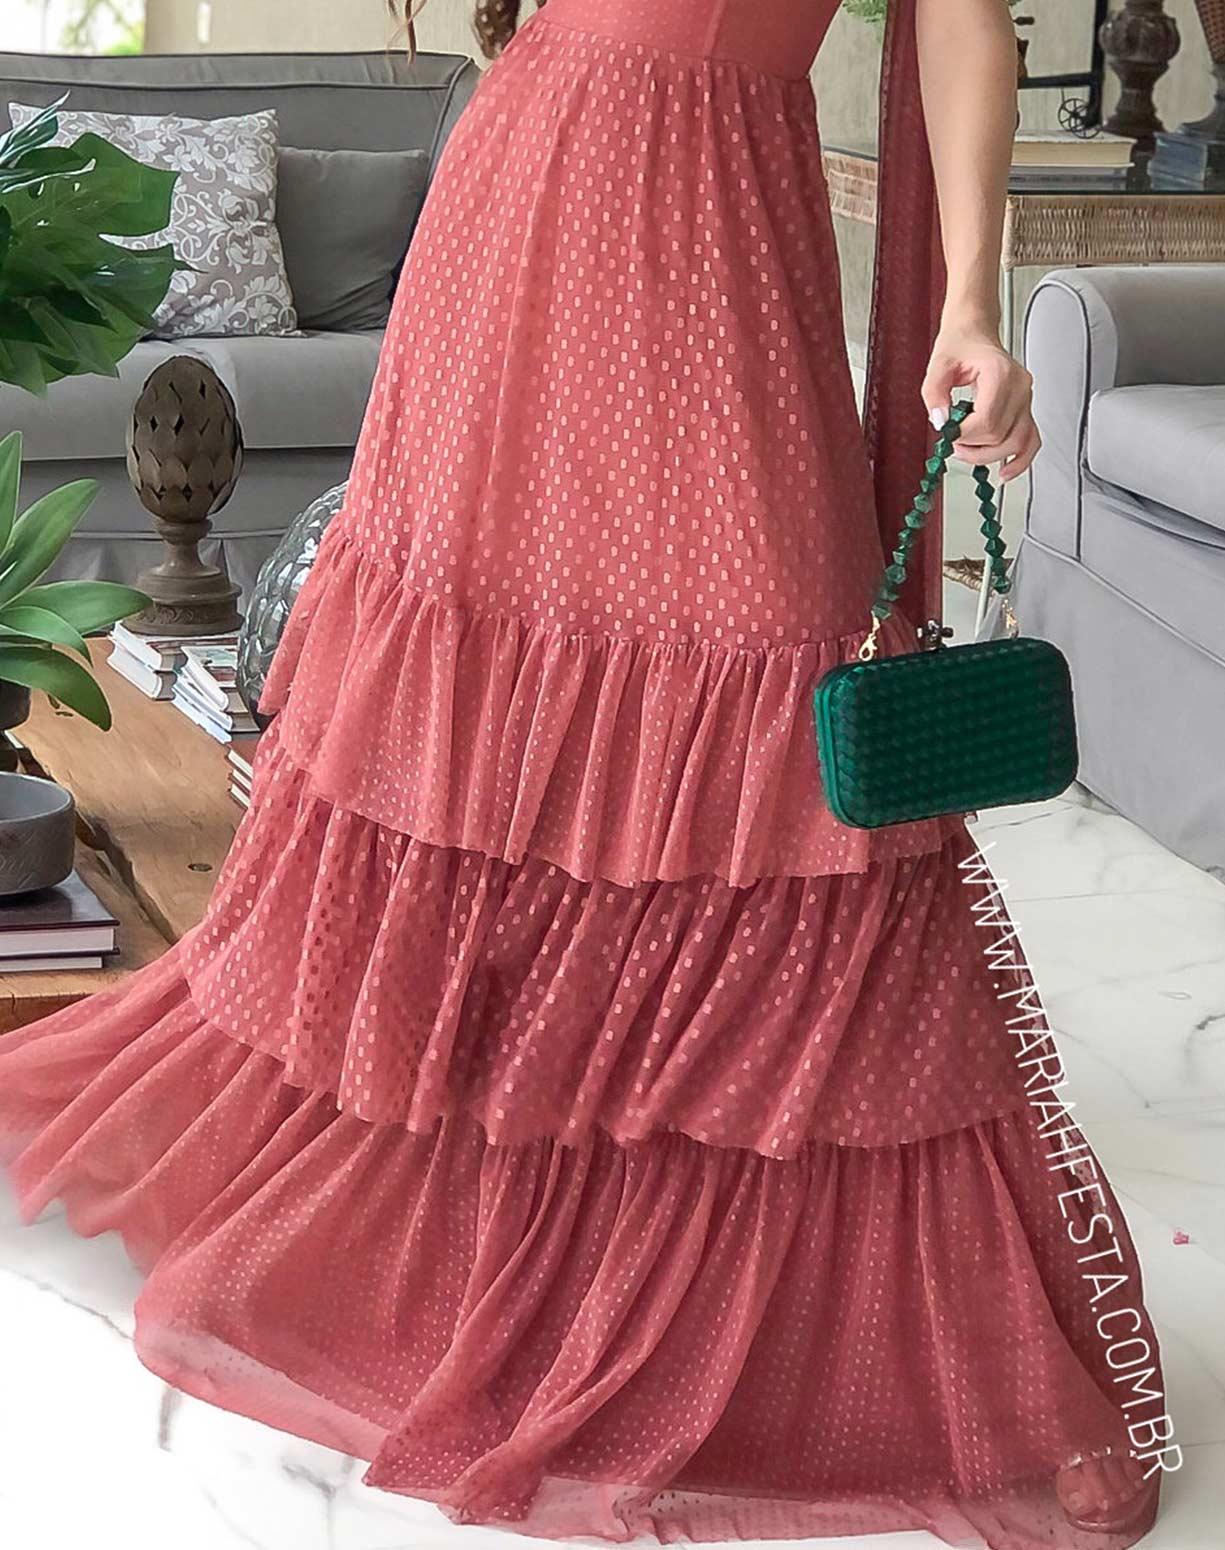 Vestido Rosa Antigo em Tule Texturizado com Alça de Amarrar